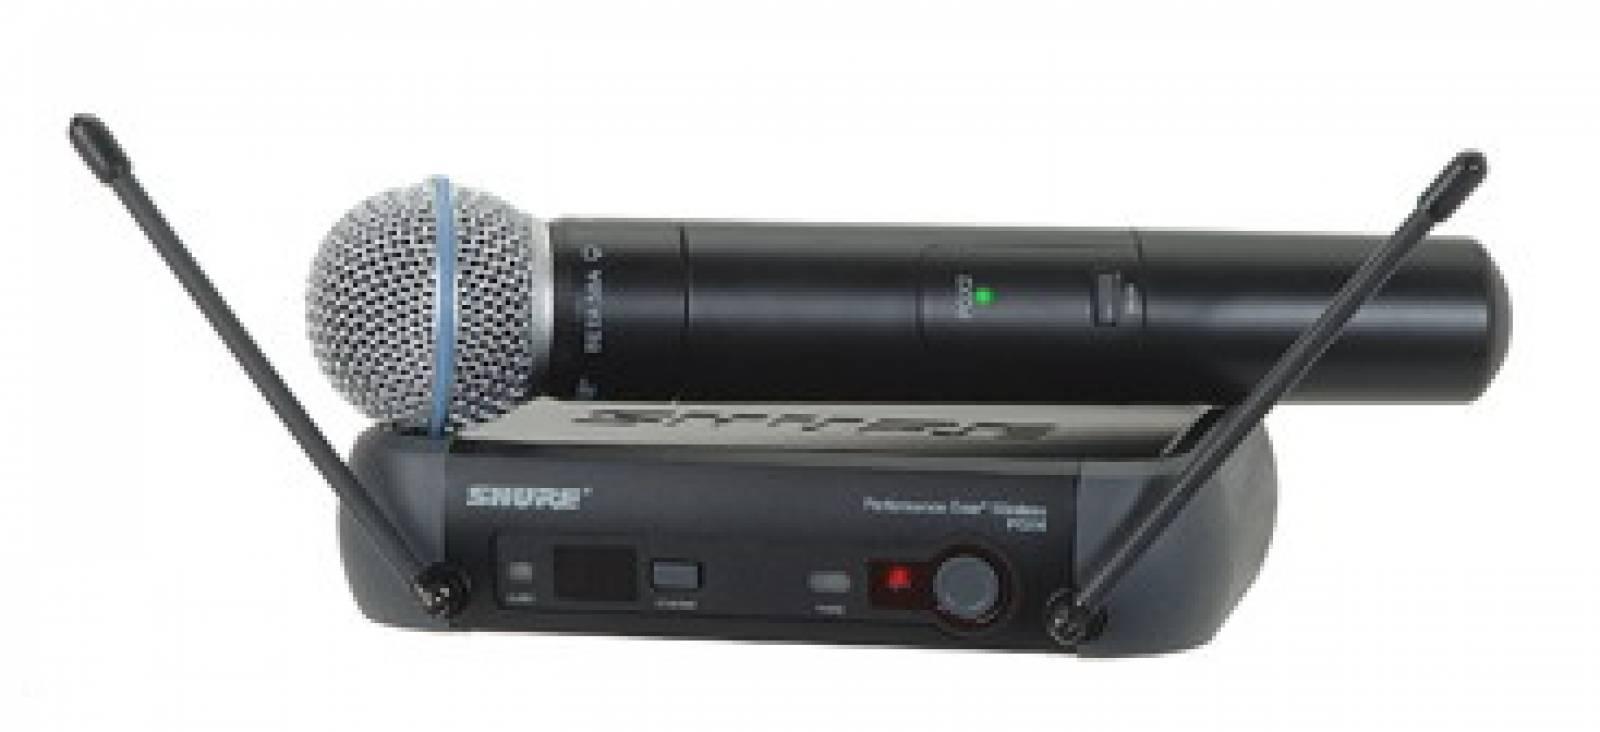 микрофон shure радио